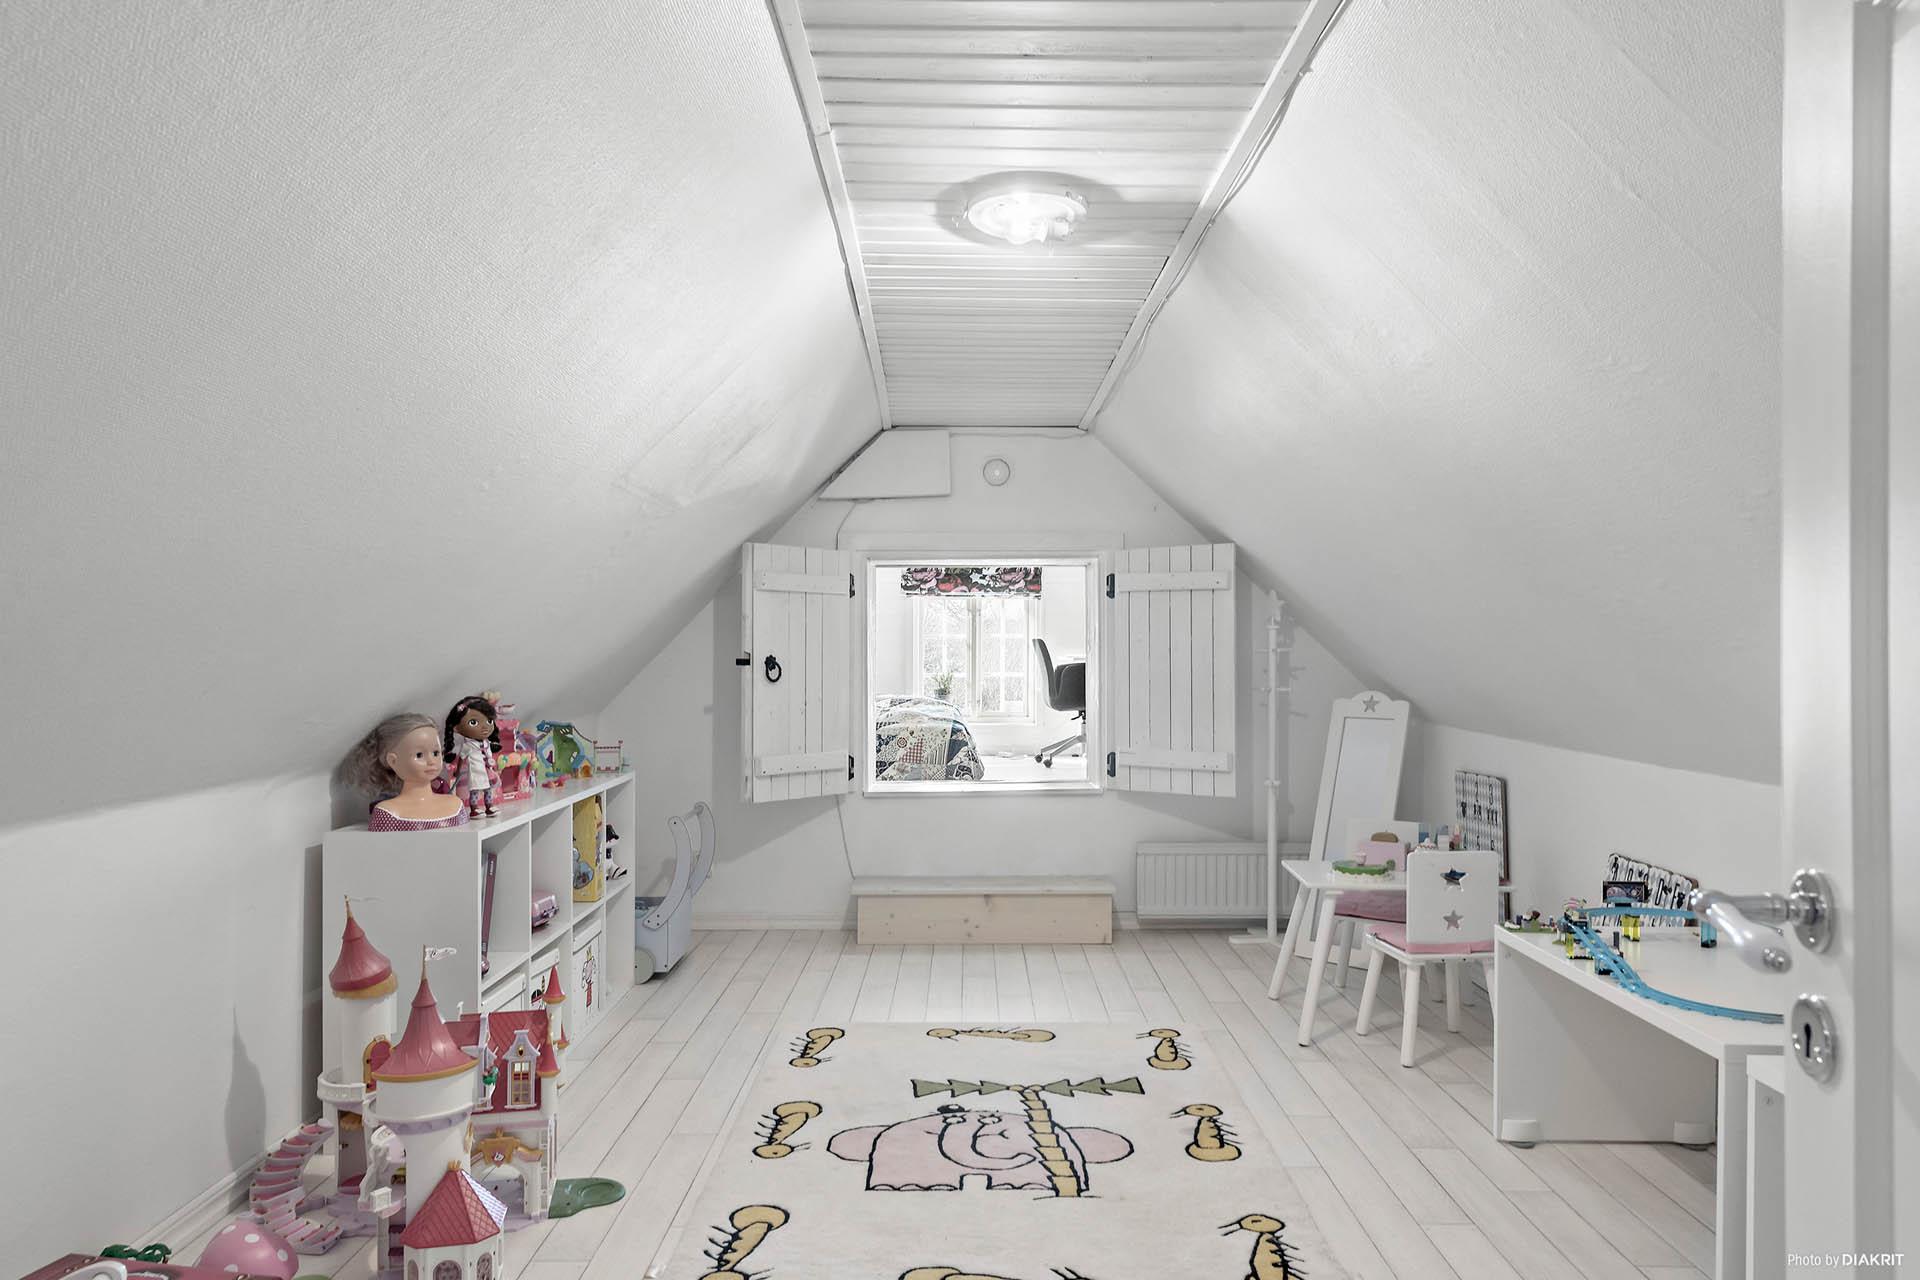 """Sovrum eller allrum som leder vidare till """"ett krypin"""" sovrum eller mysrum eller som idag, ett väldigt ombonat kontor."""